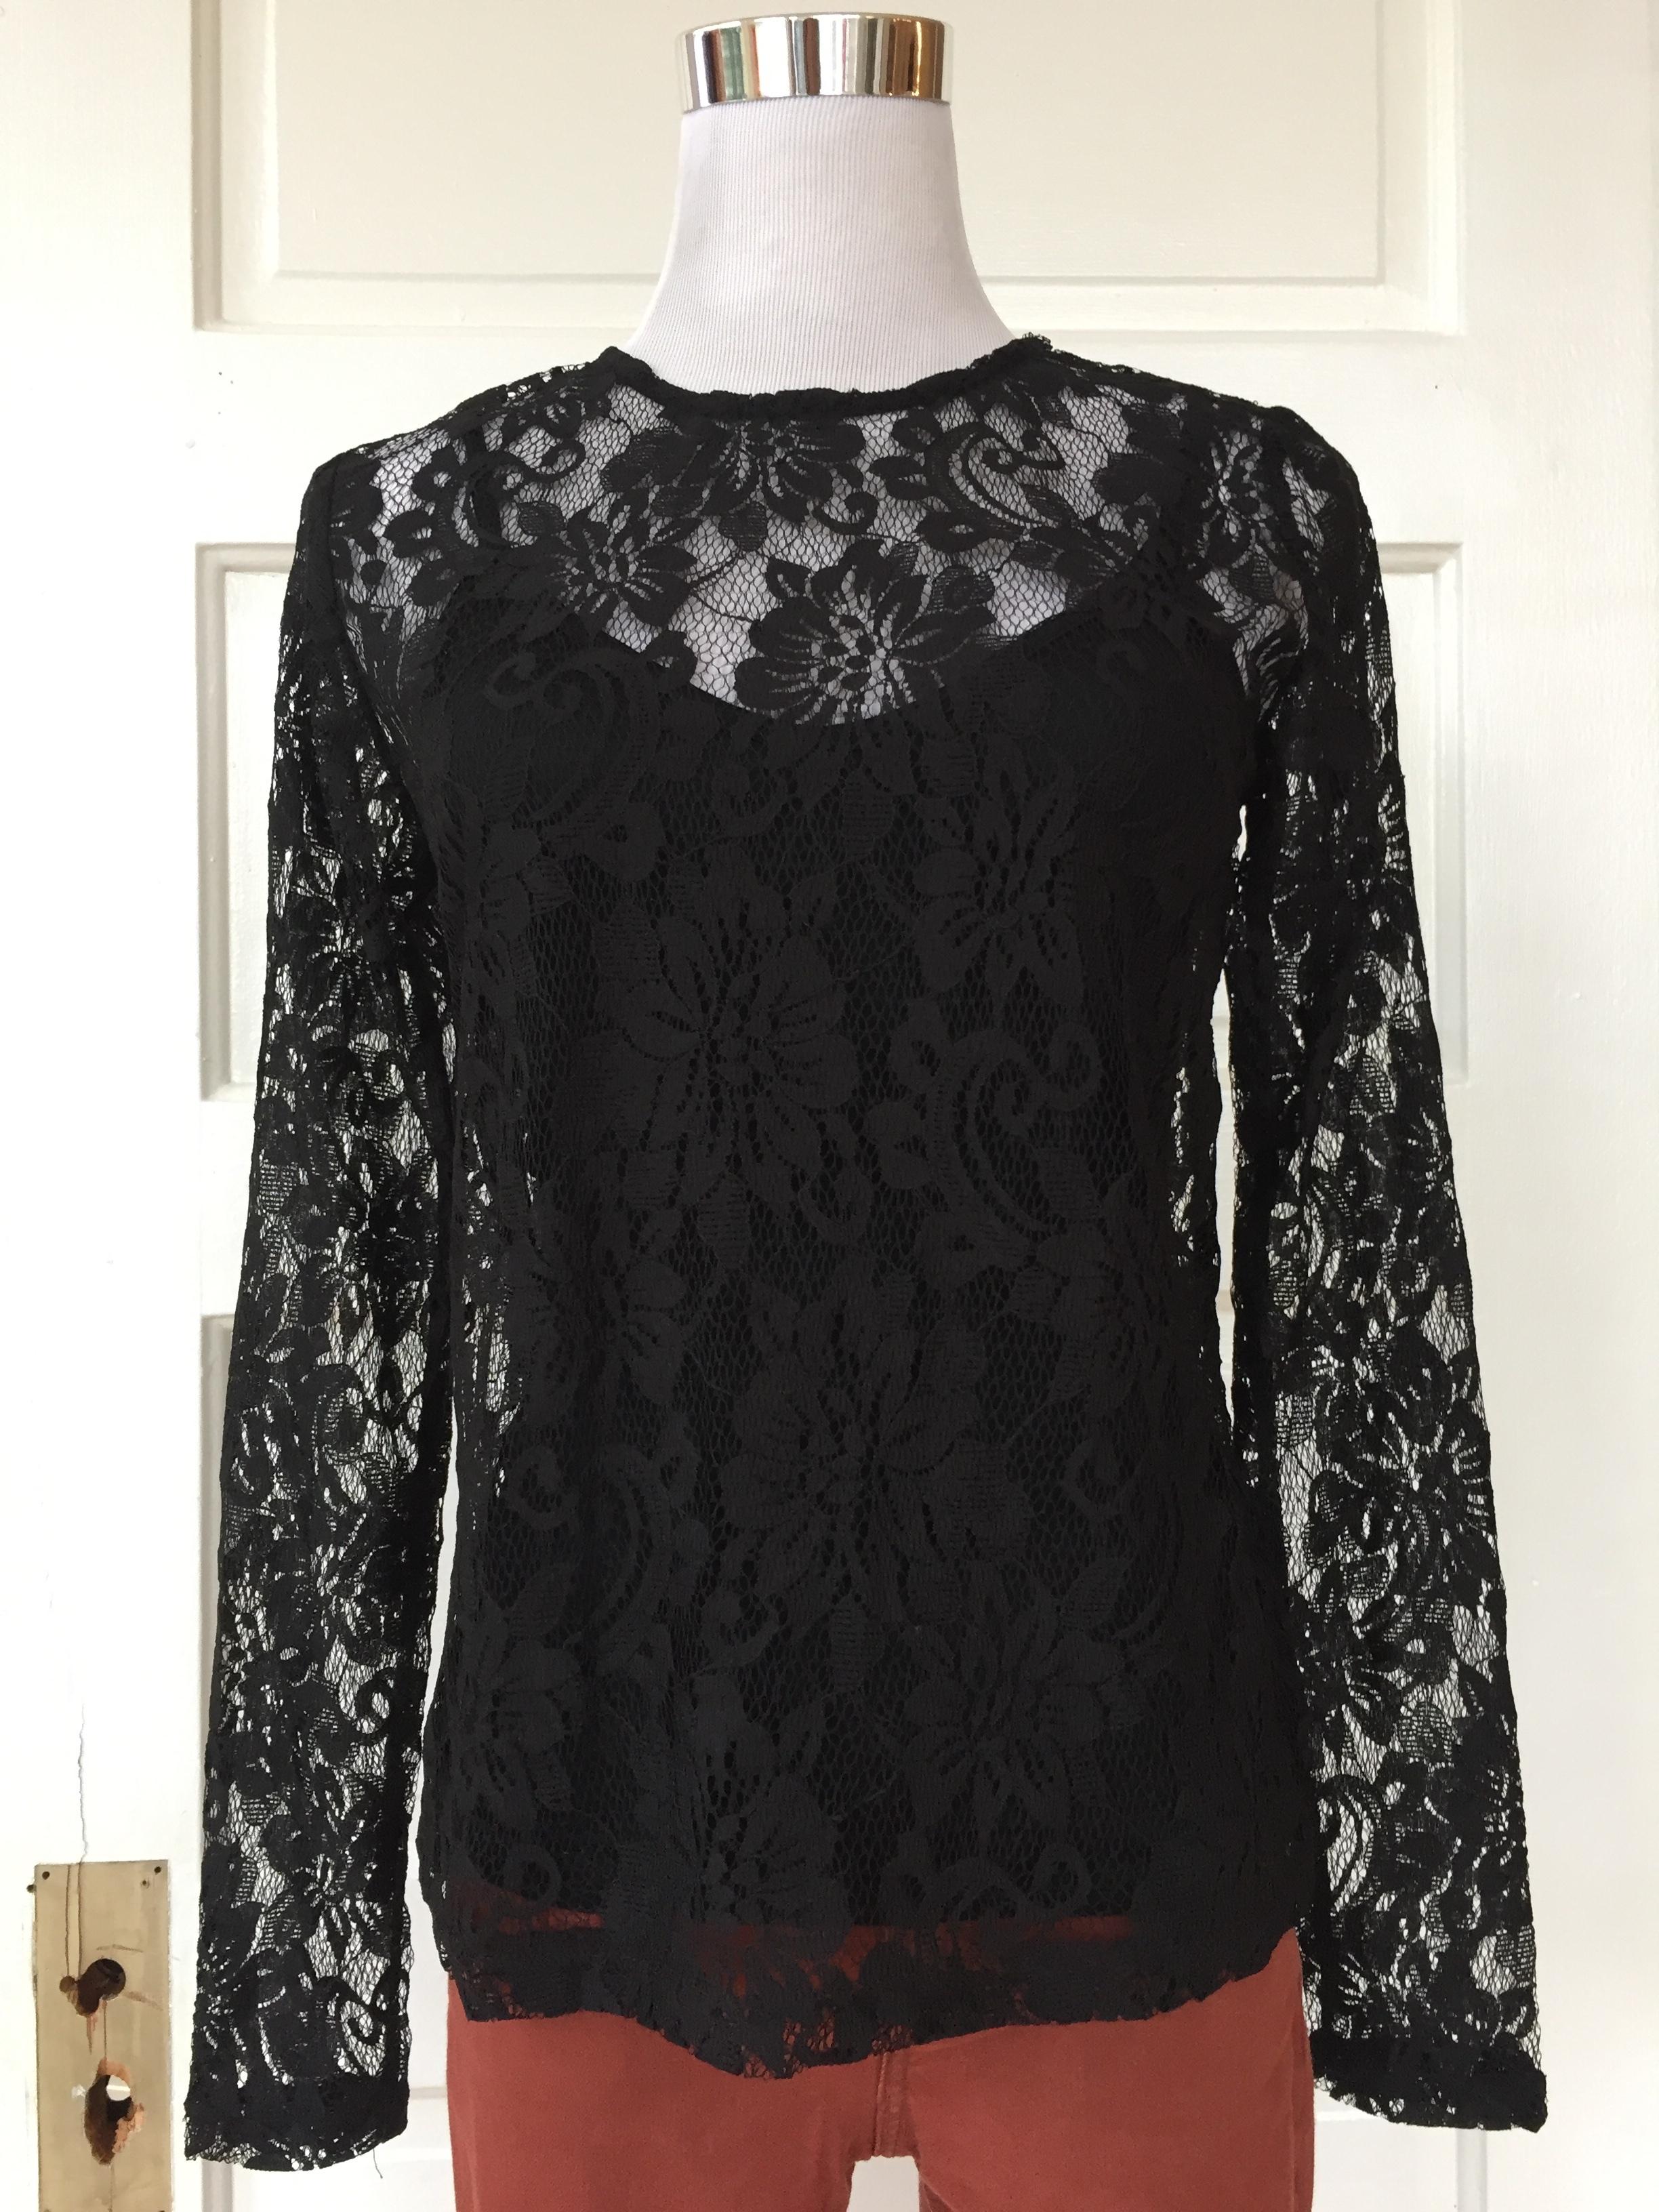 Black lace top ($38)